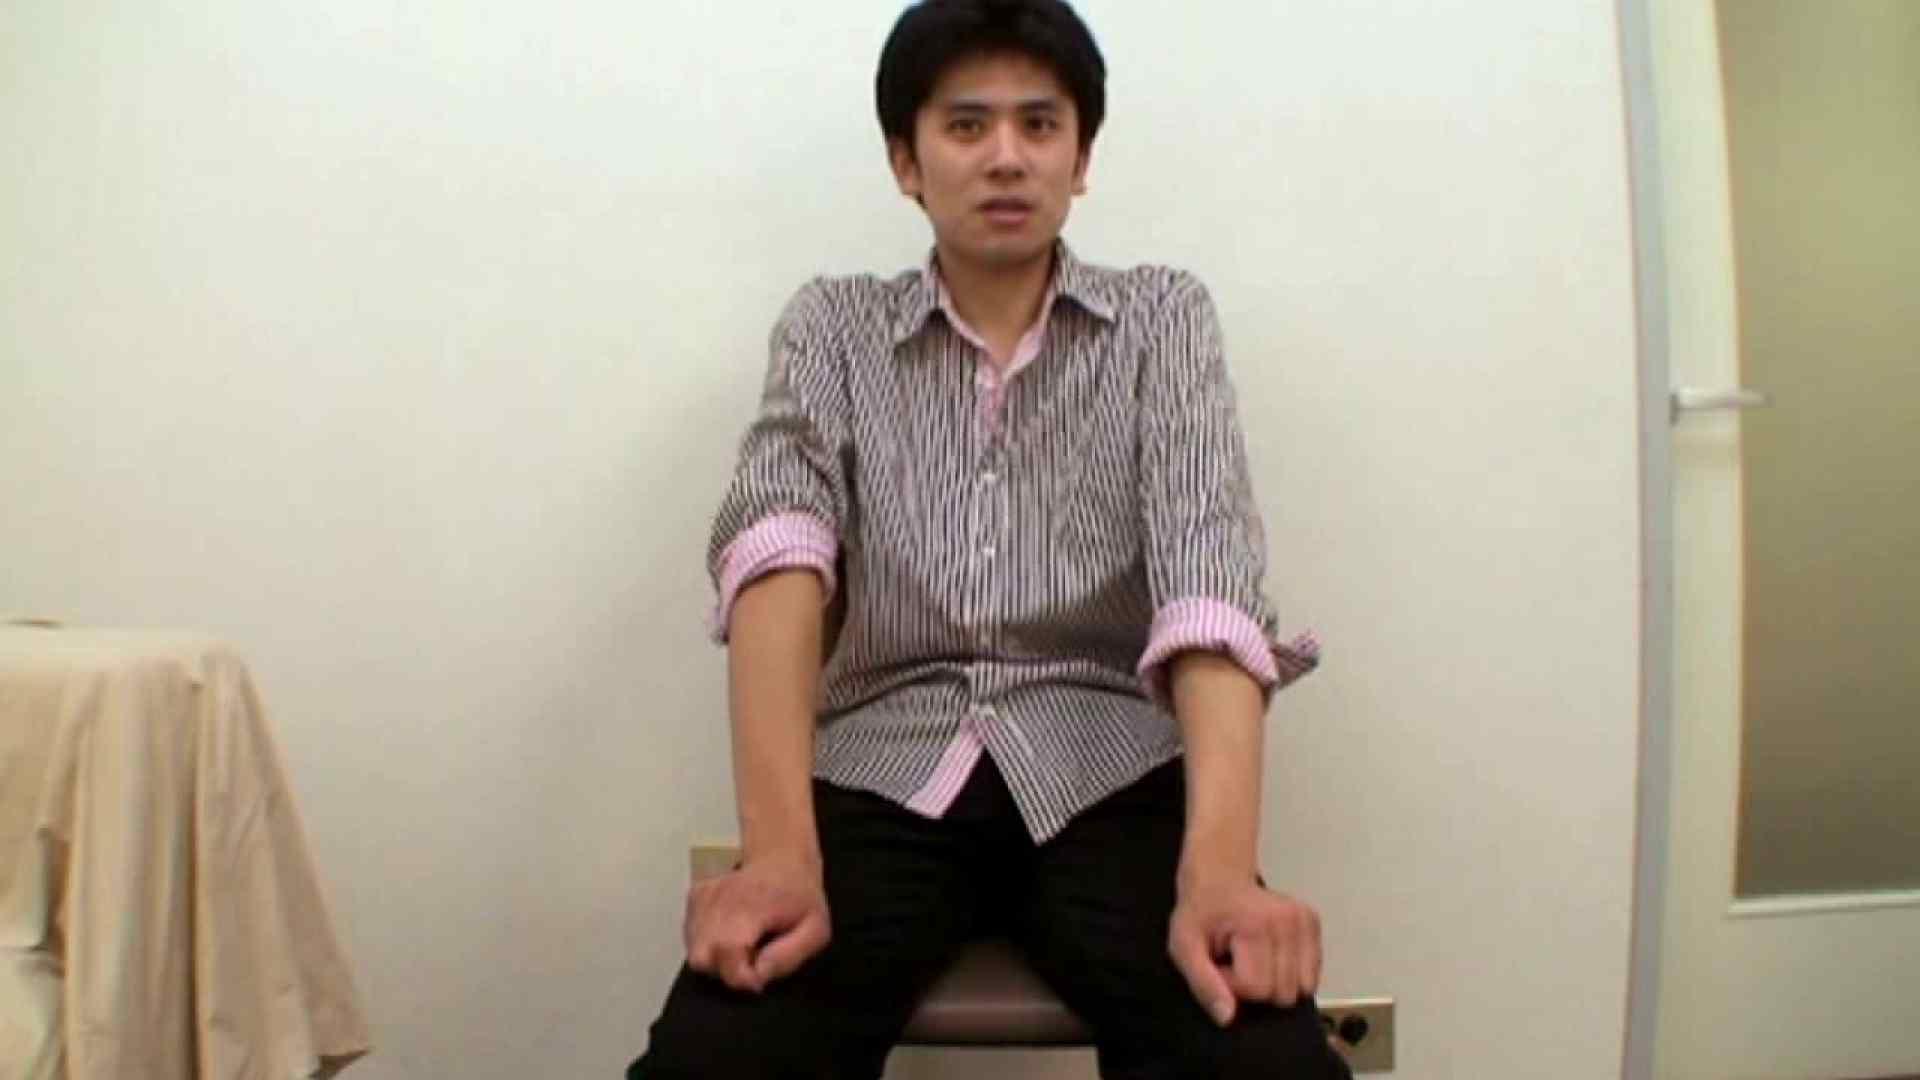 ノンケ!自慰スタジオ No.32 ノンケ天国   流出物 ゲイアダルト画像 92pic 36